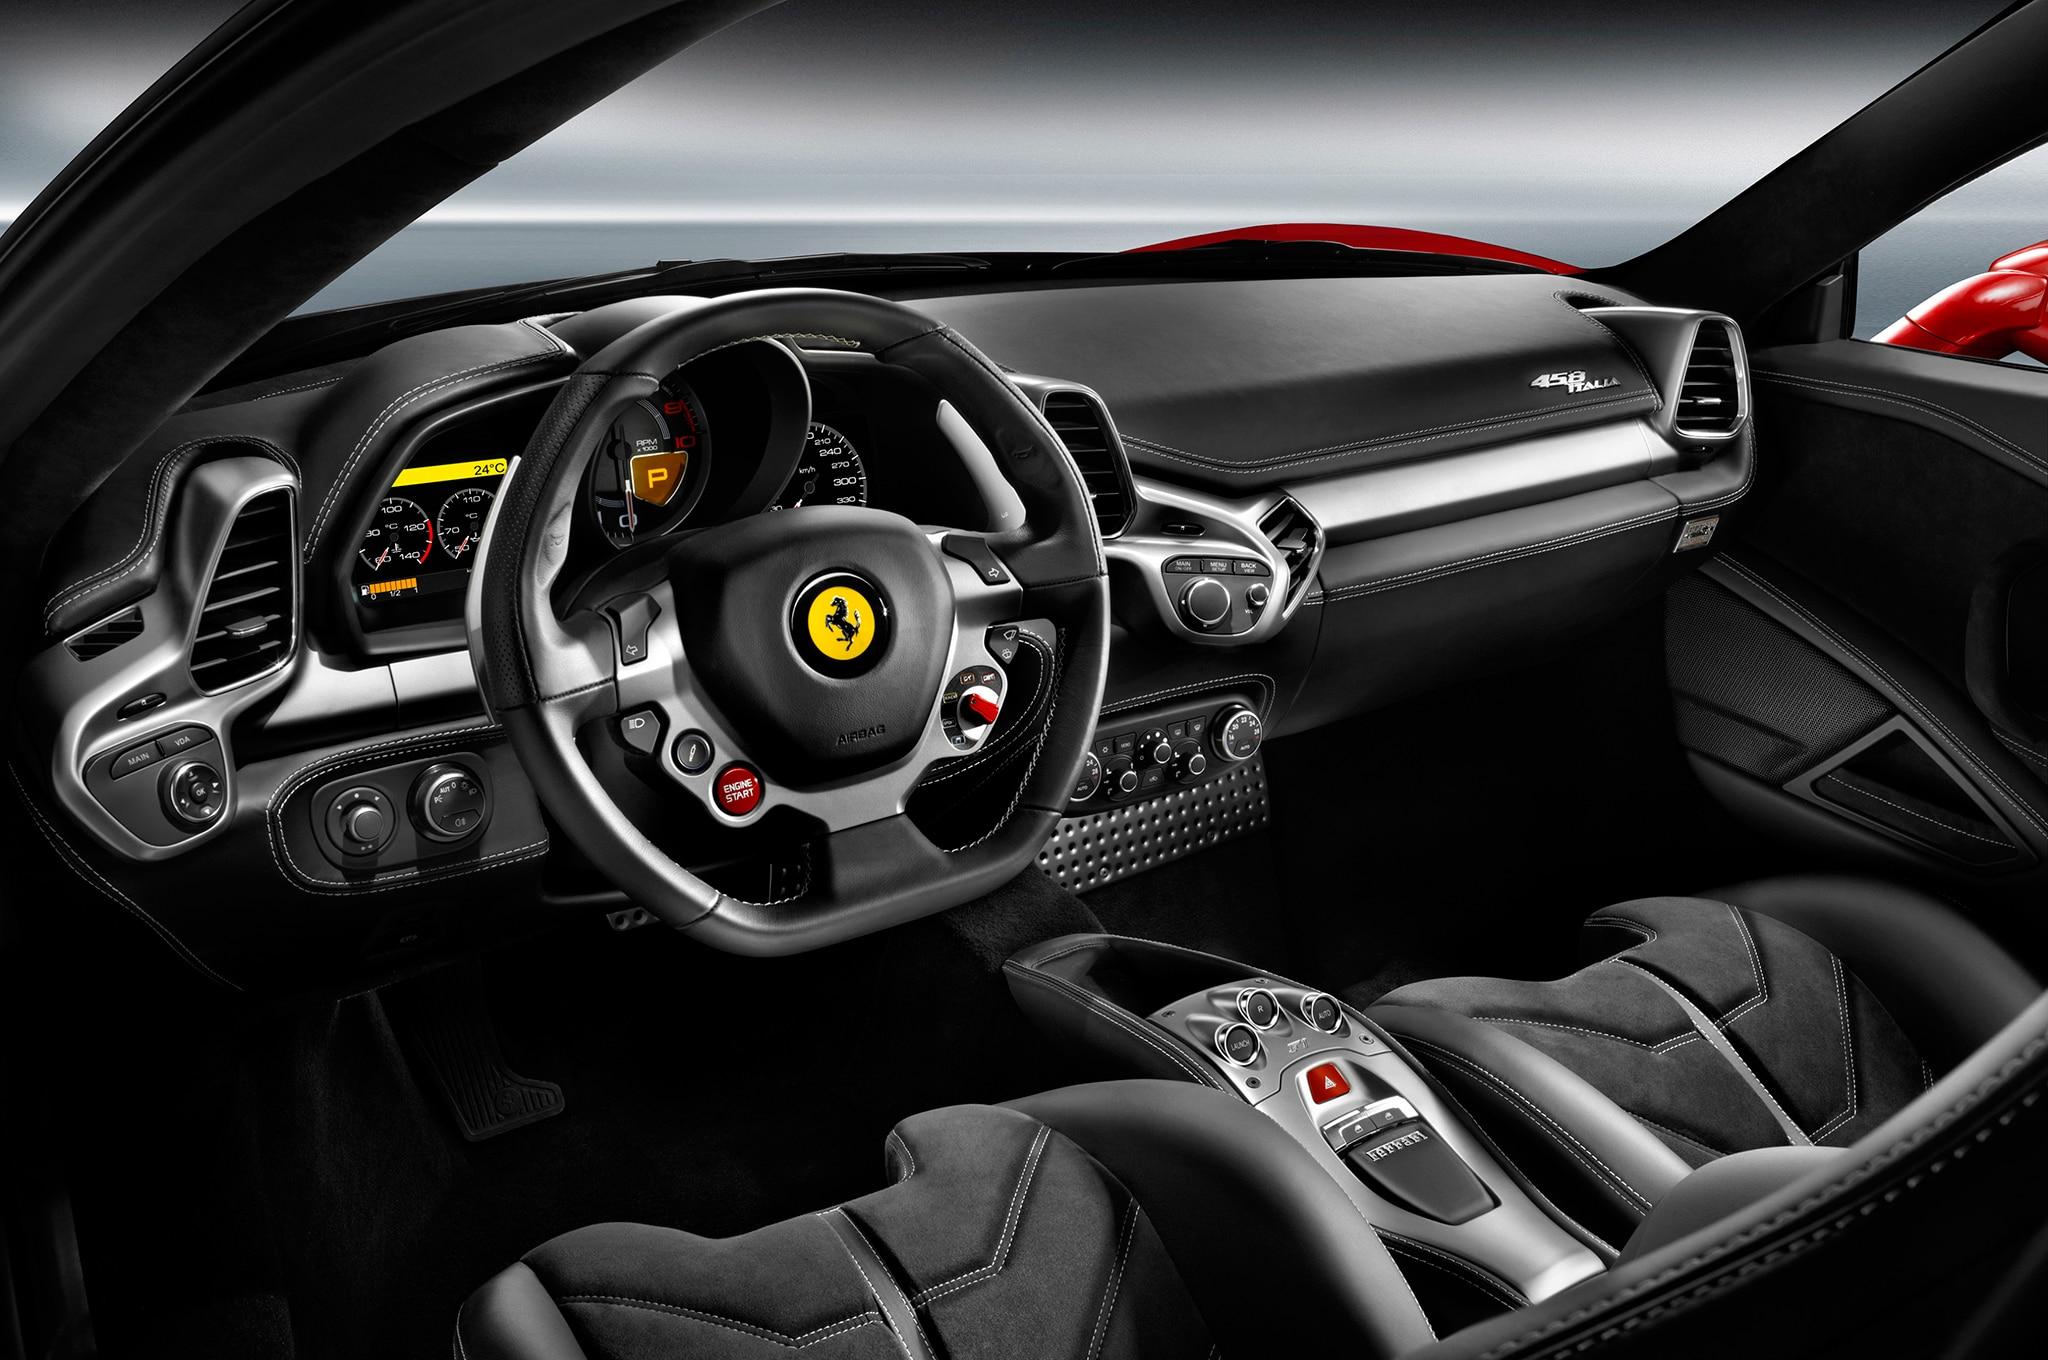 2014 ferrari 458 speciale interior passenger side ferrari 458 2014 ferrari 458 italia interior drivers view vanachro Images